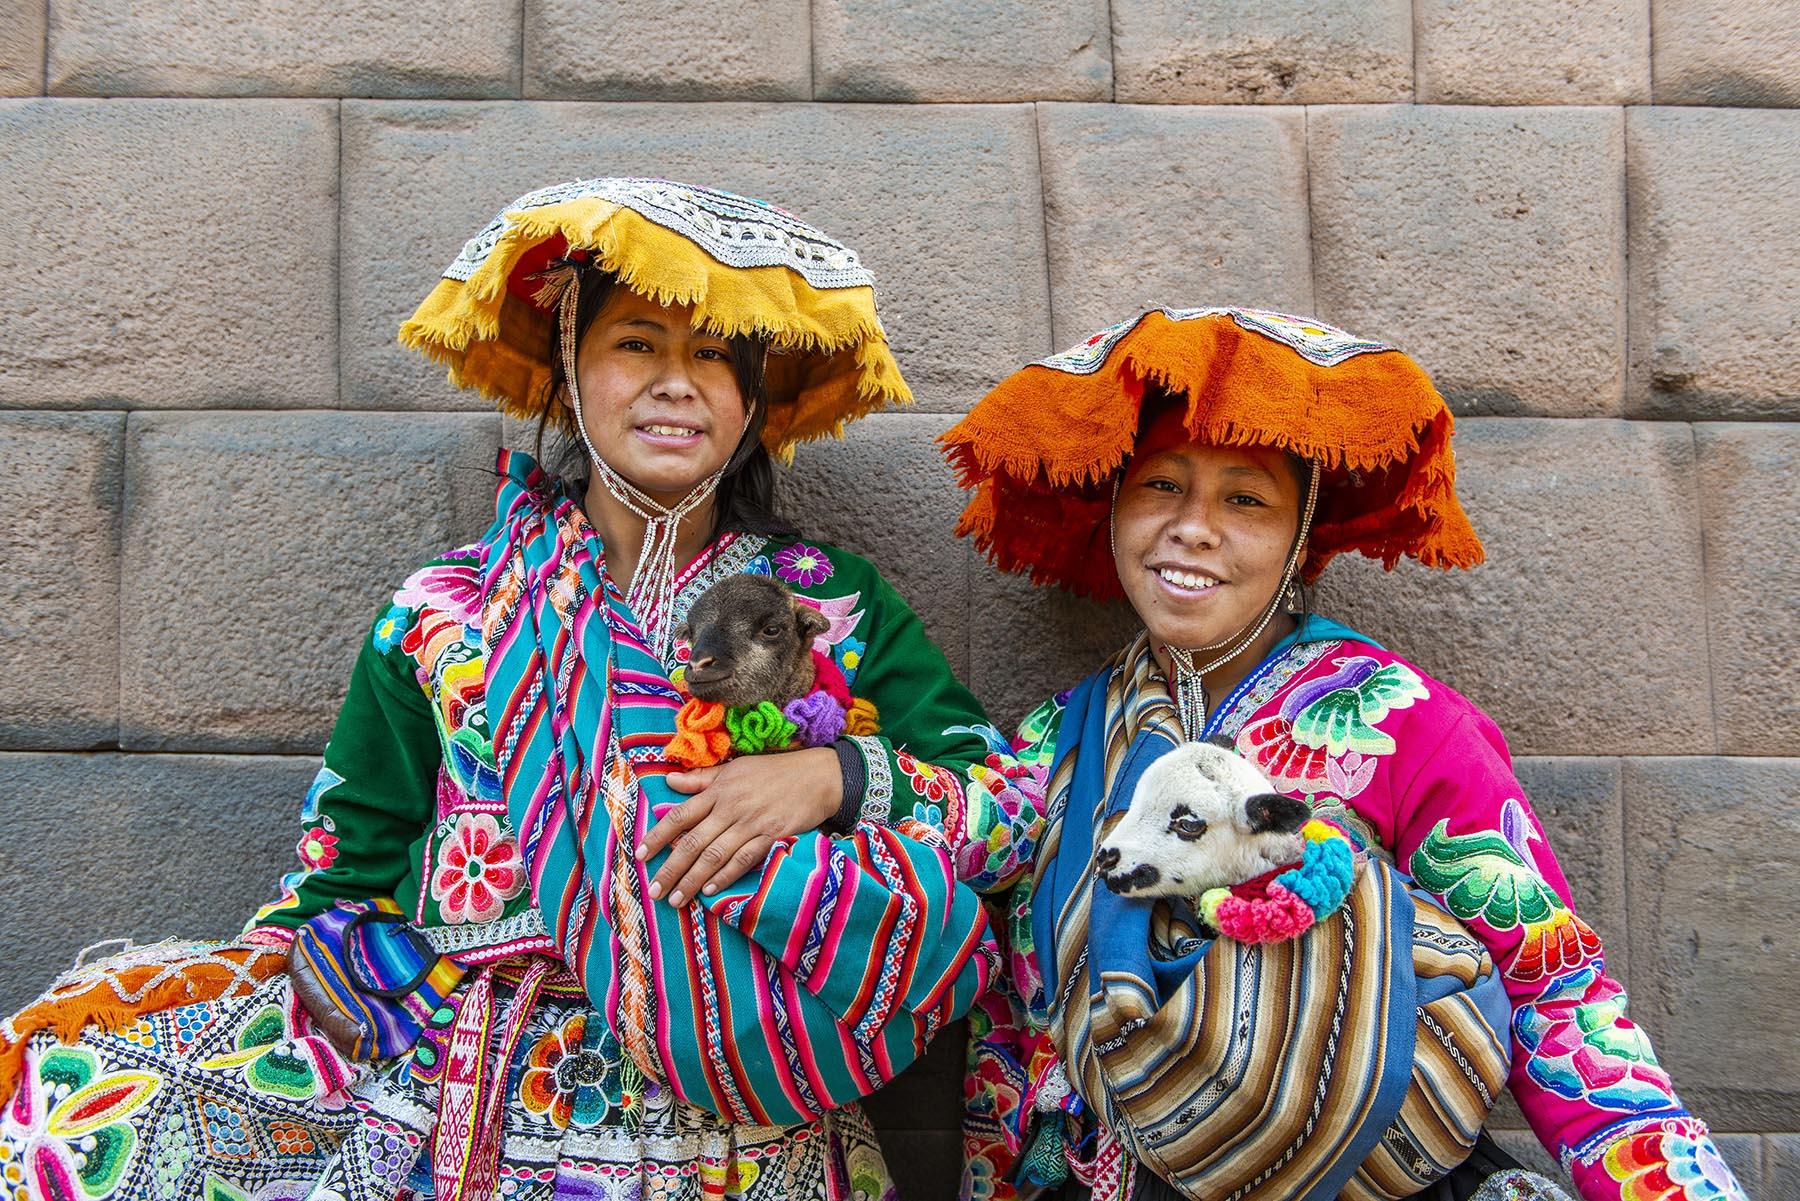 Westdeutsche Allgemeine: Interview mit Peru Tourismus